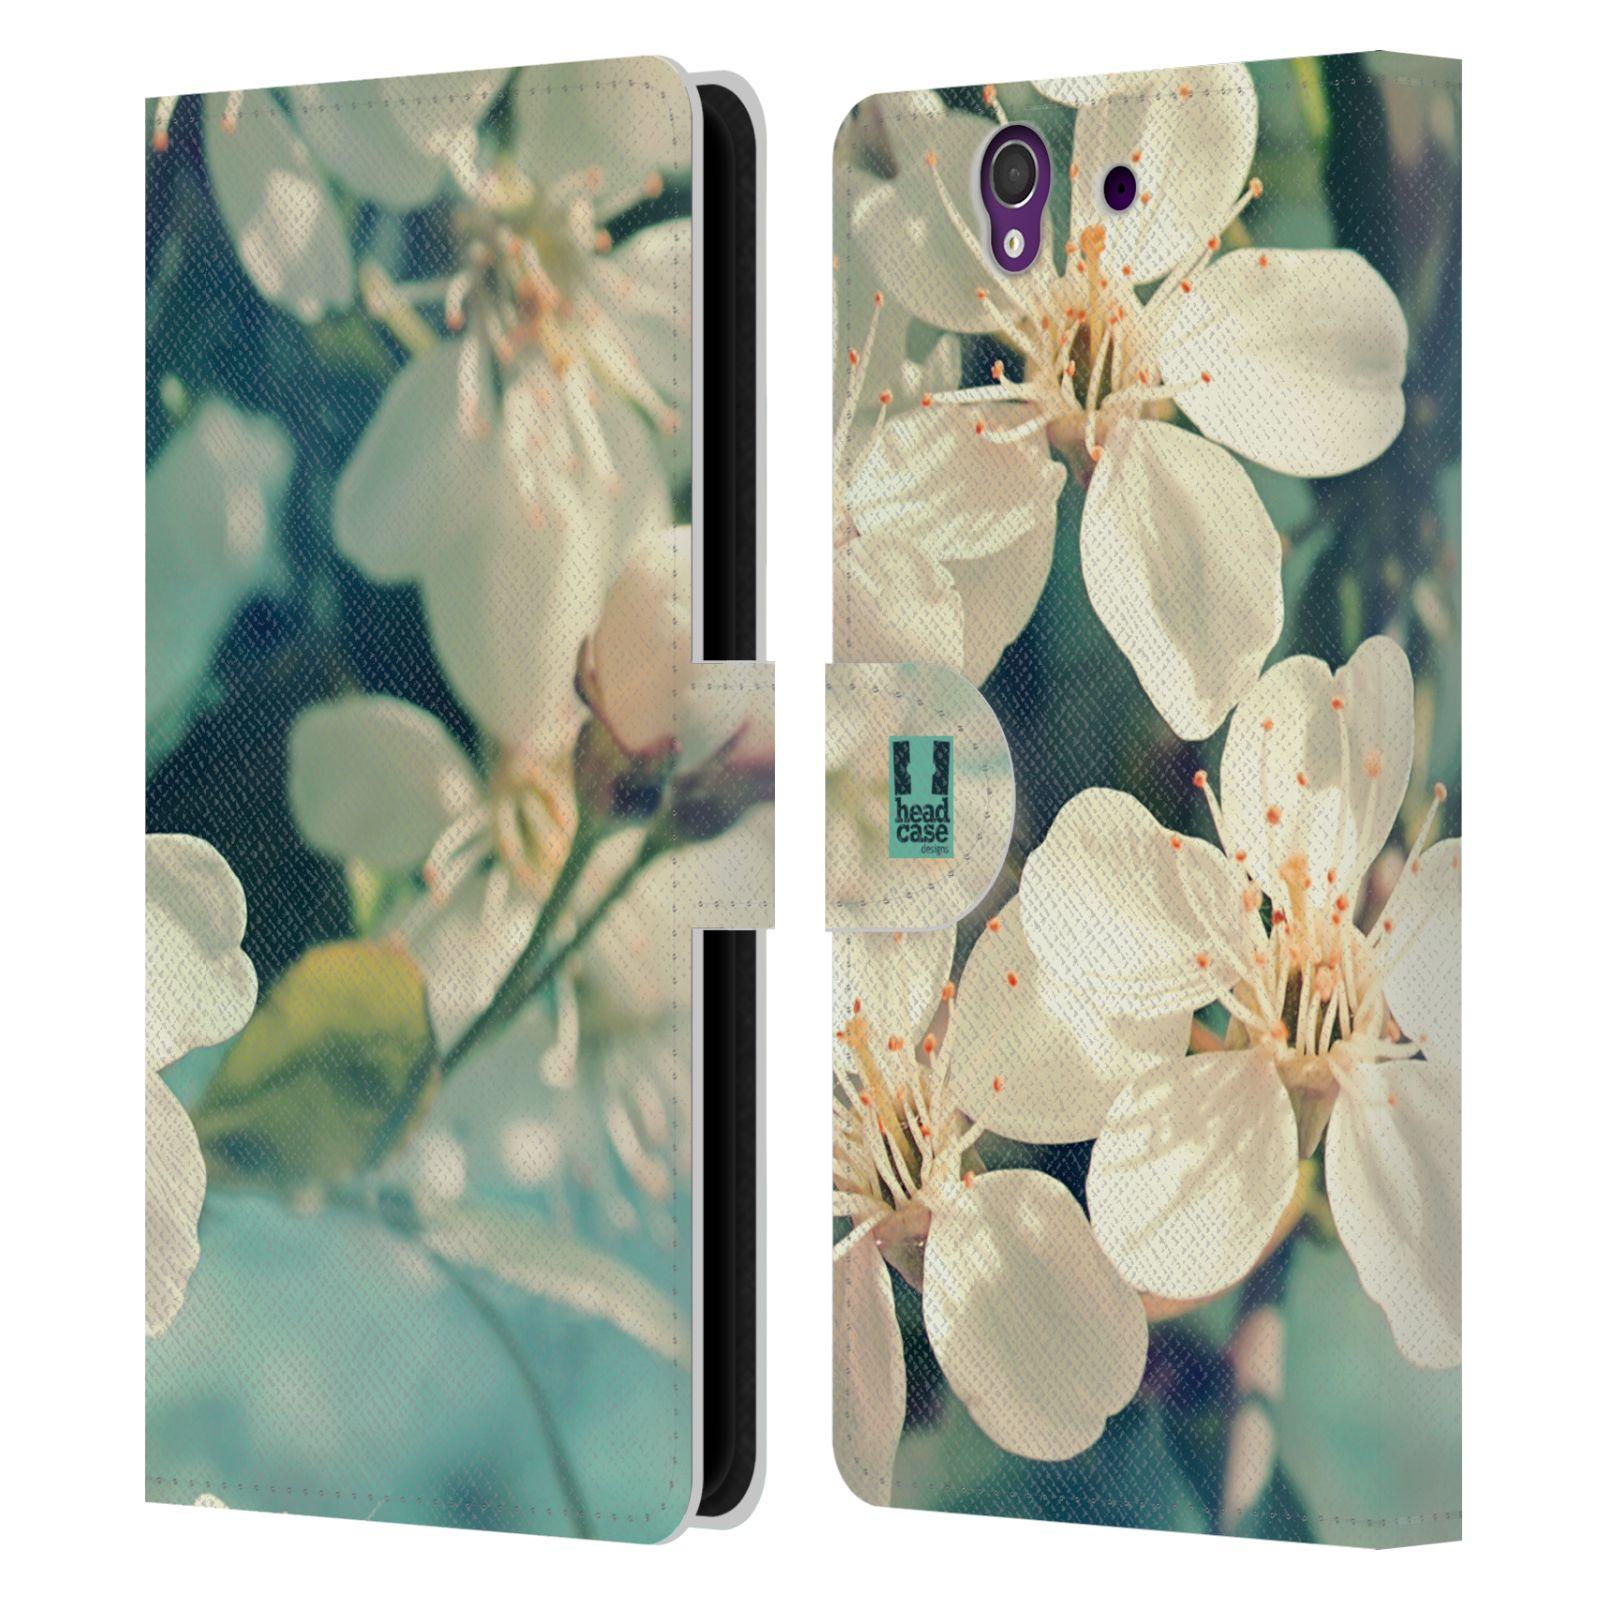 HEAD CASE Flipové pouzdro pro mobil SONY XPERIA Z (C6603) květy foto rozkvetlá třešeň